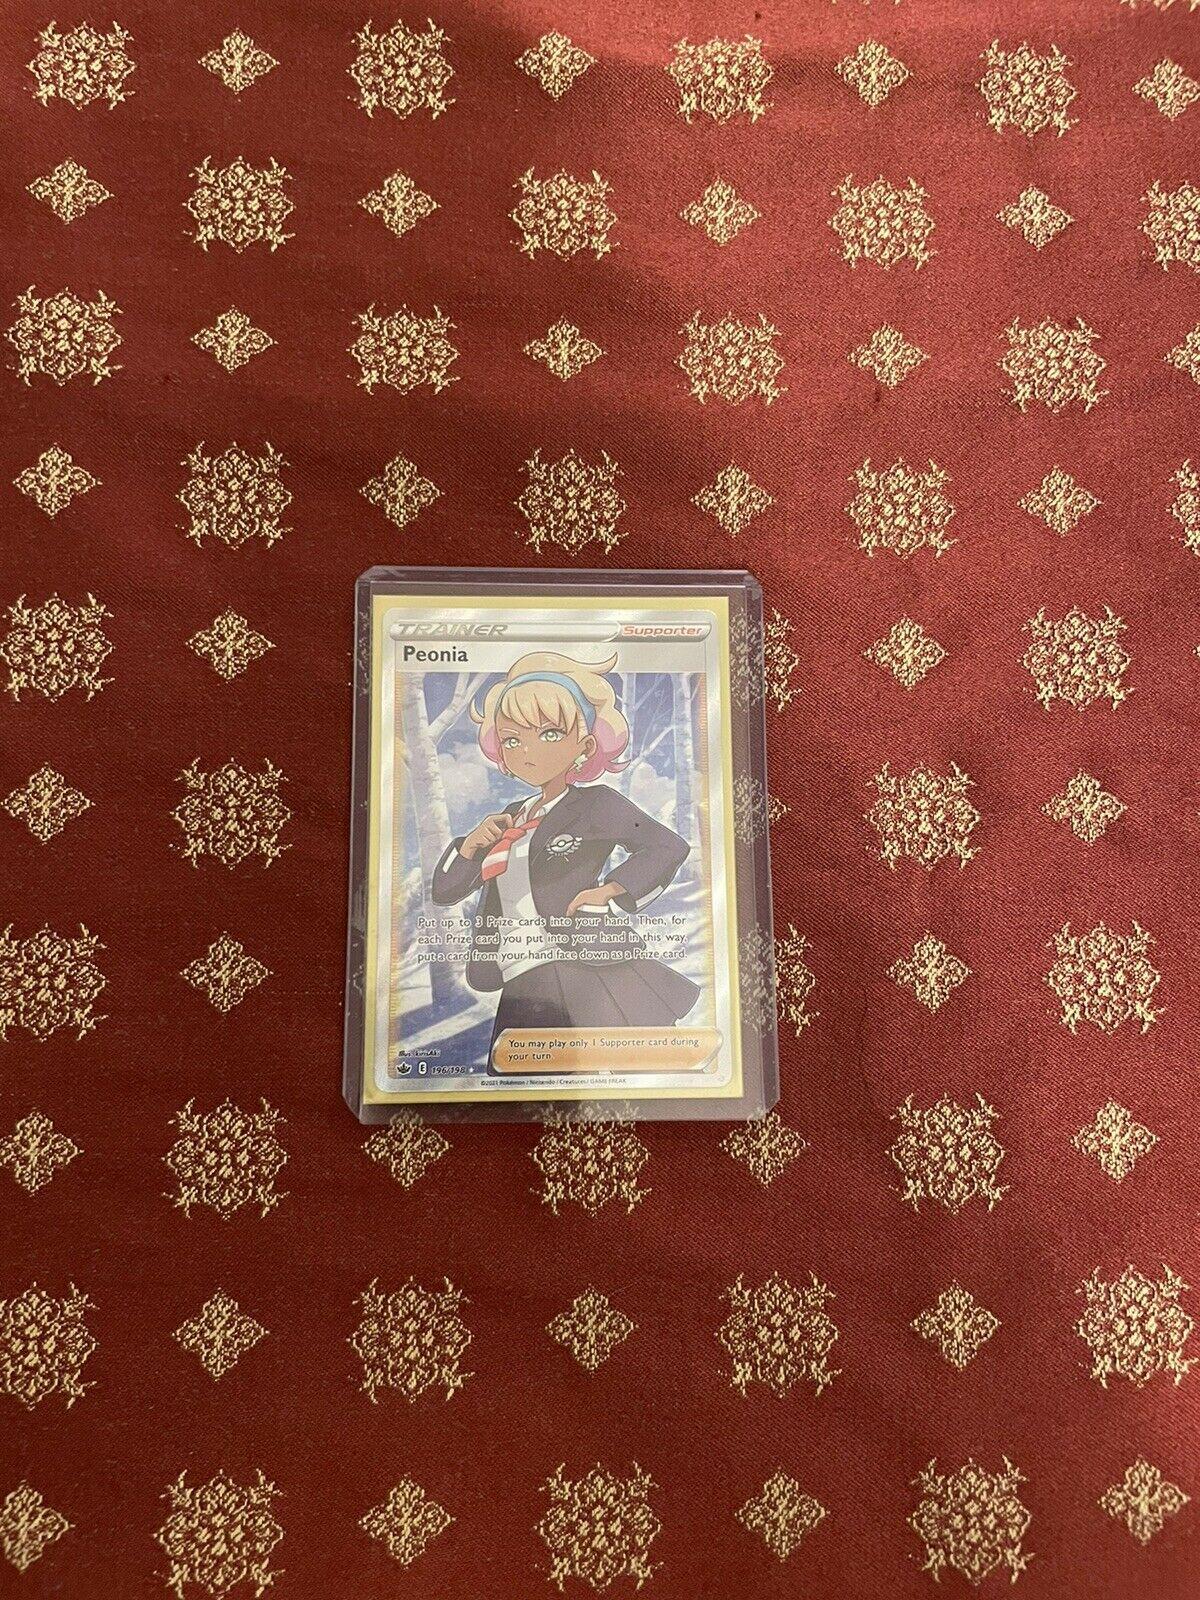 POKEMON CHILLING REIGN Peonia Full Art Trainer 196/198